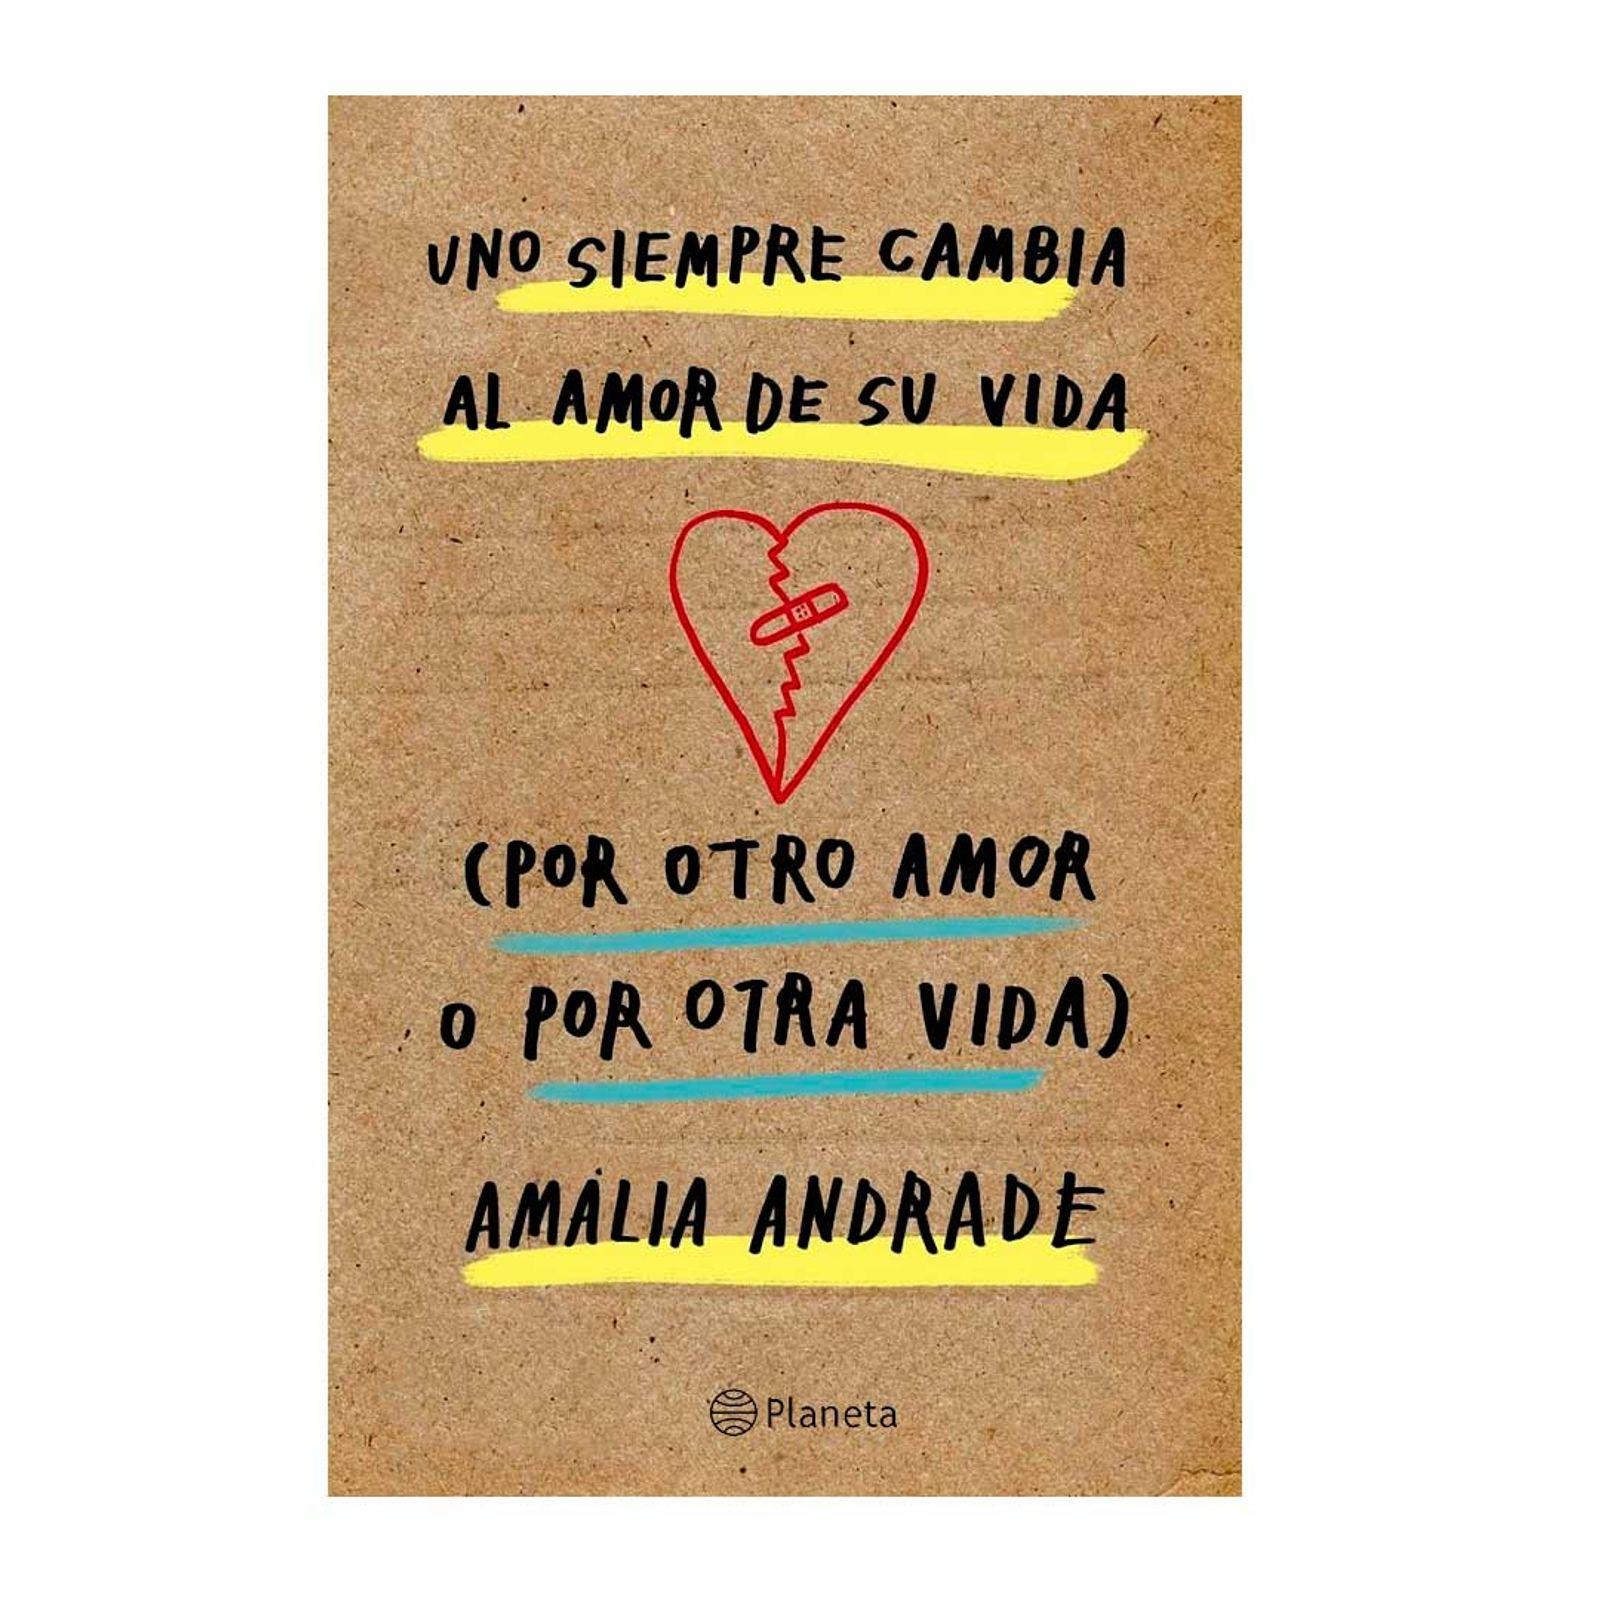 [ PDF ] Uno siempre cambia al amor de su vida. (Por otro amor o por otra vida)